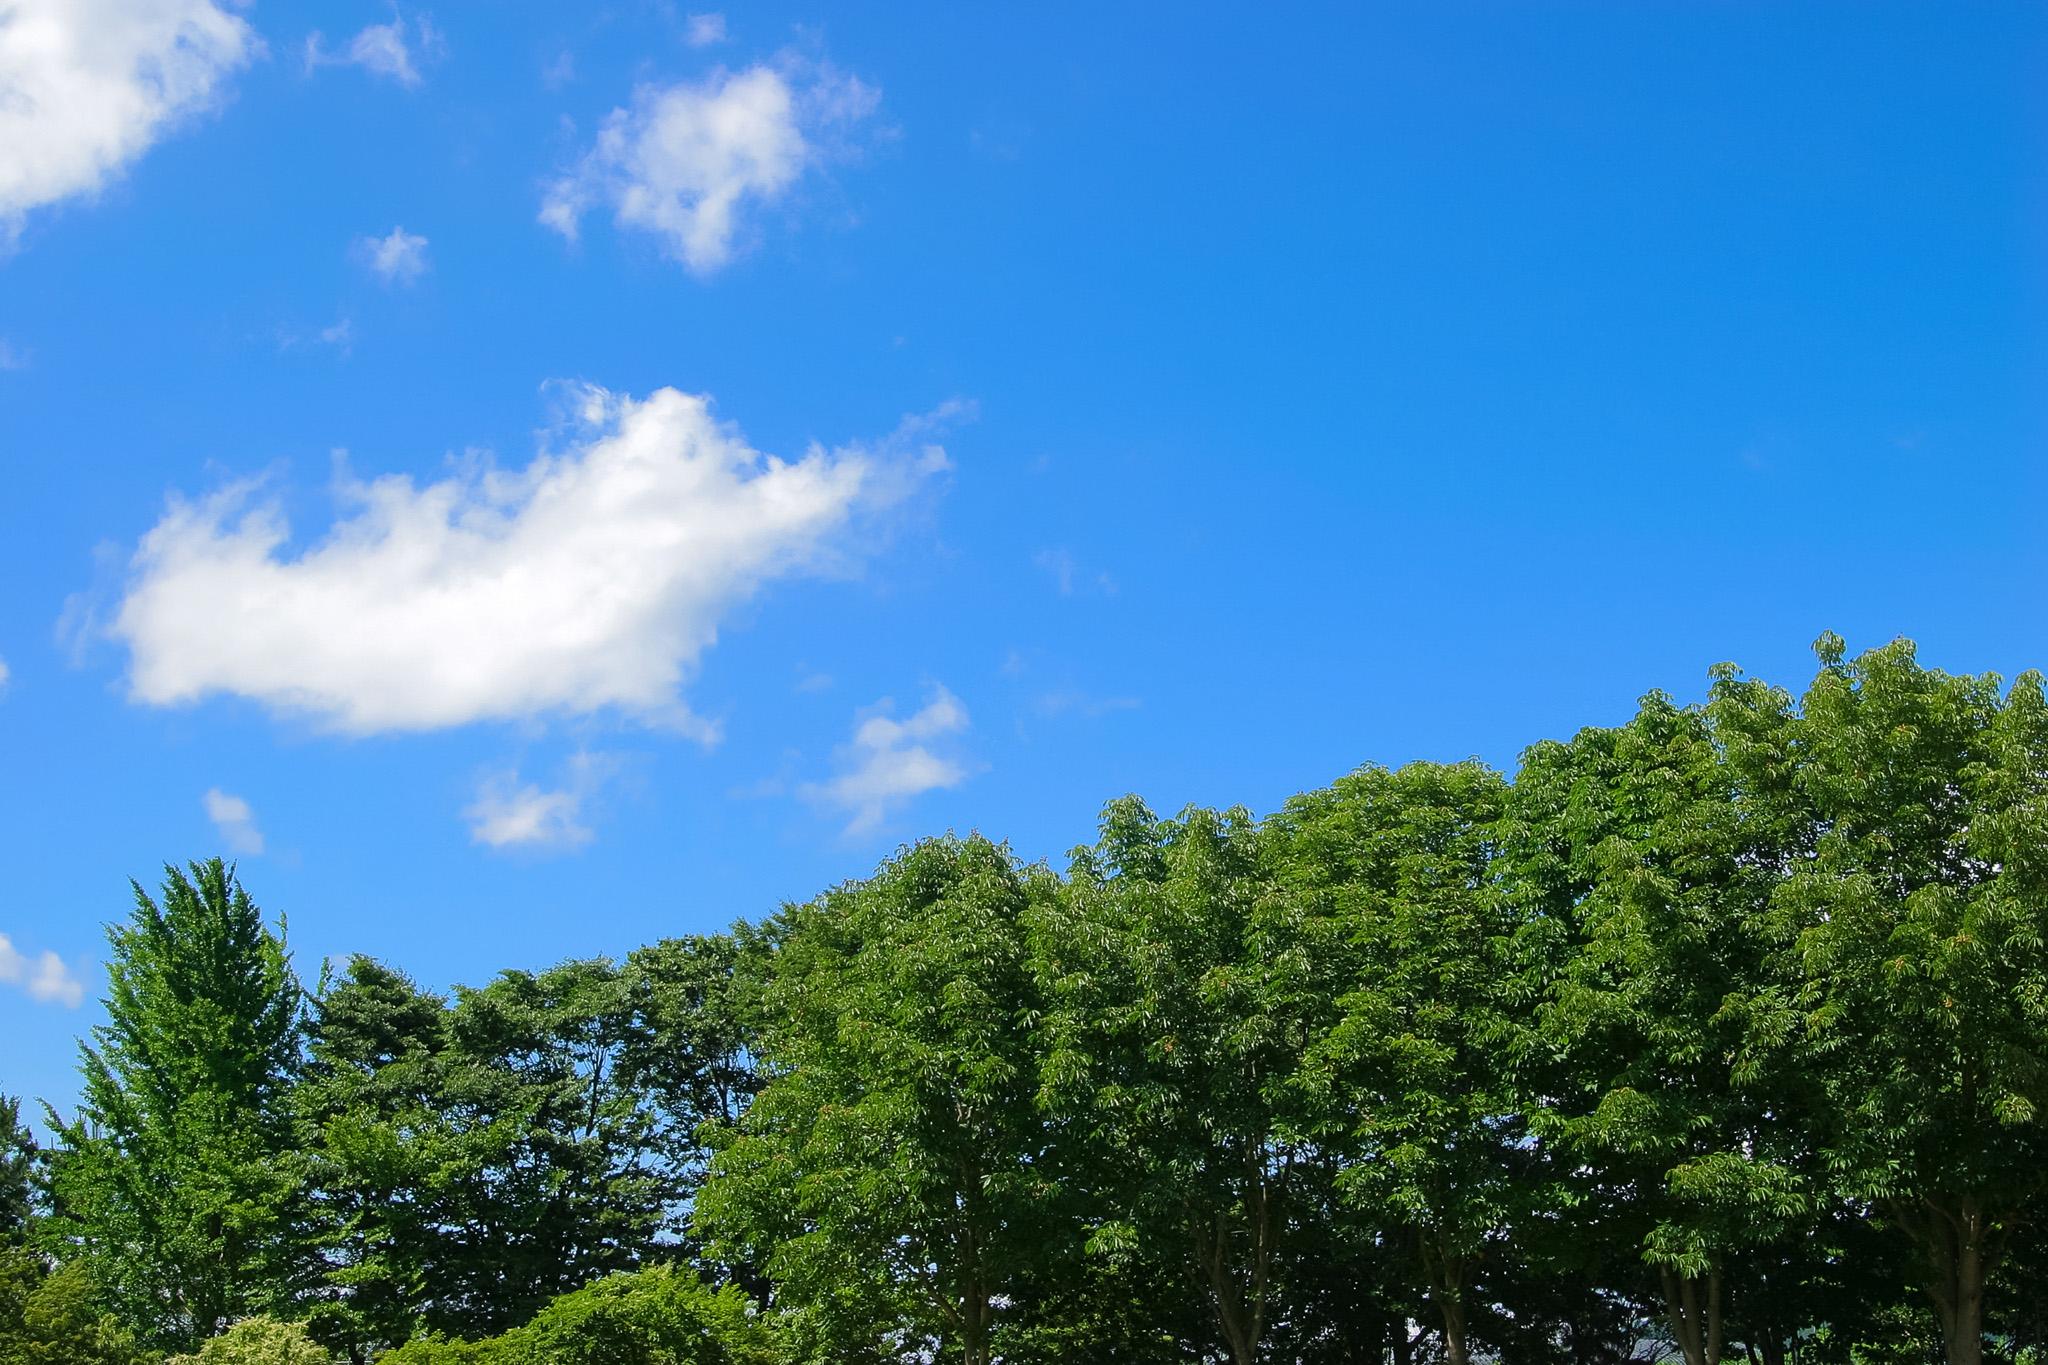 青空と濃い緑の木々